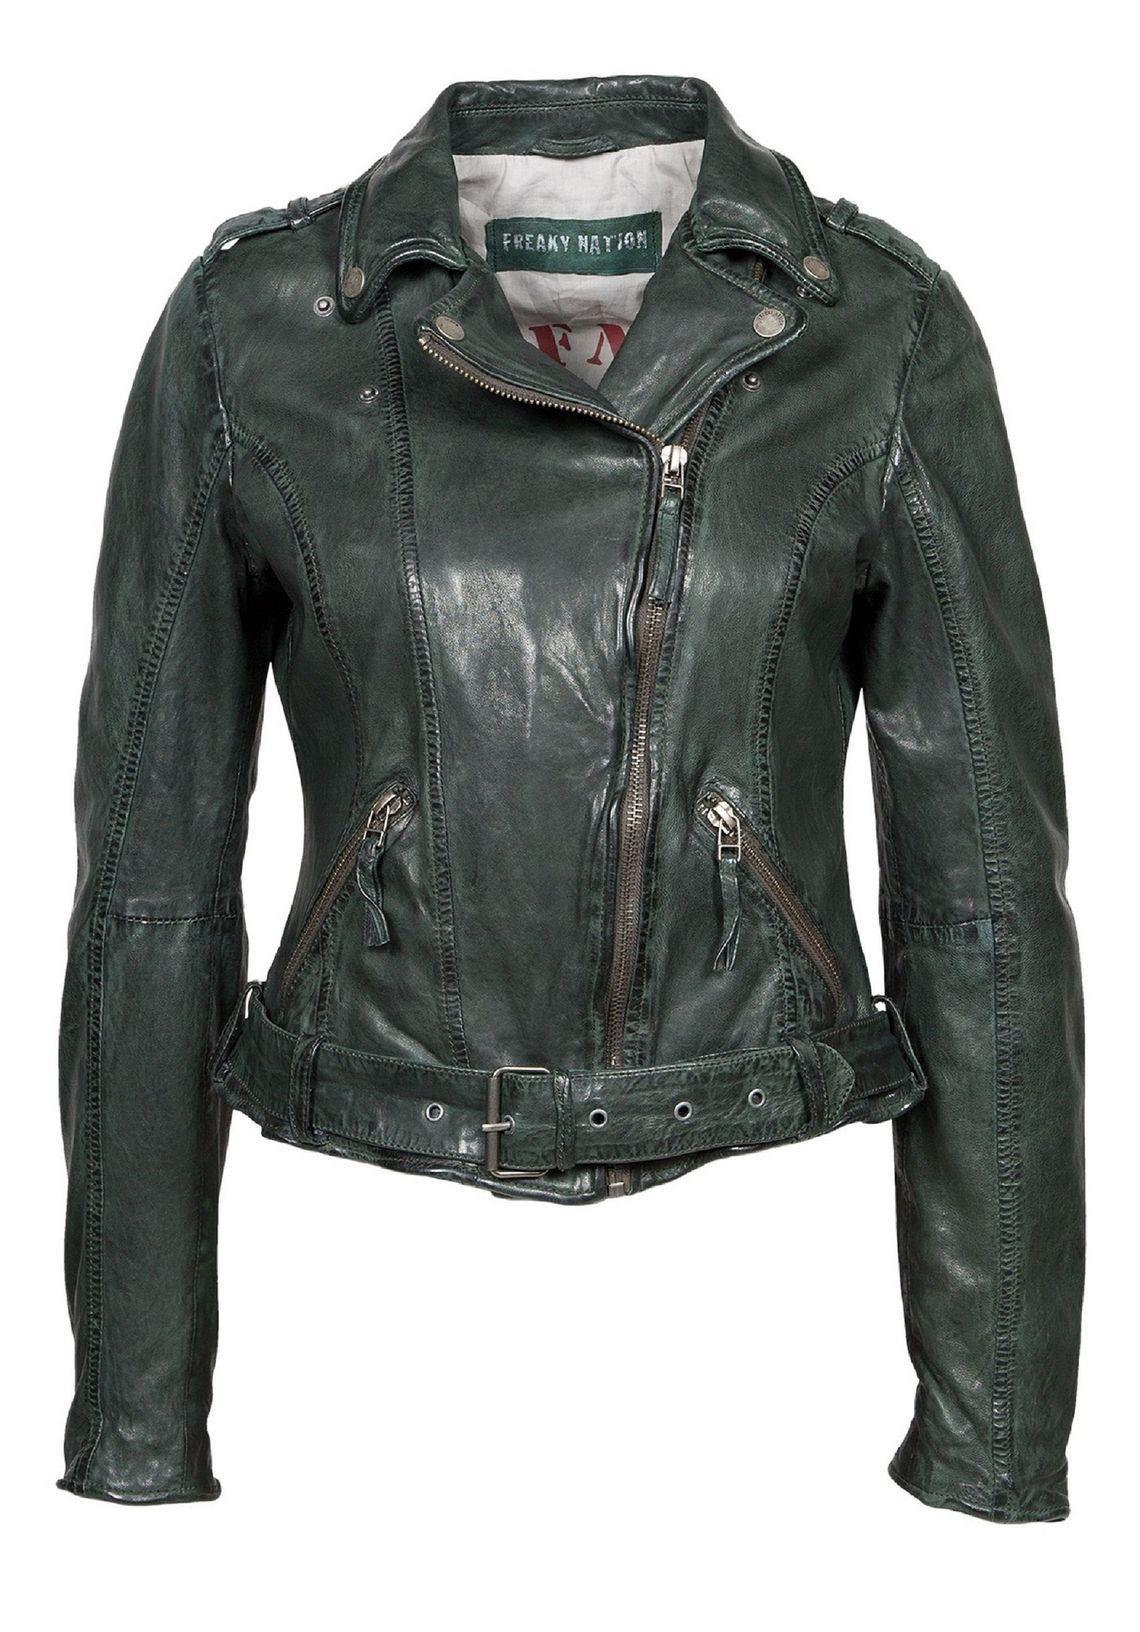 Freaky Nation Damen Lederjacke Bikerjacke Jacke Biker Look Leder  Jacket SALE /%